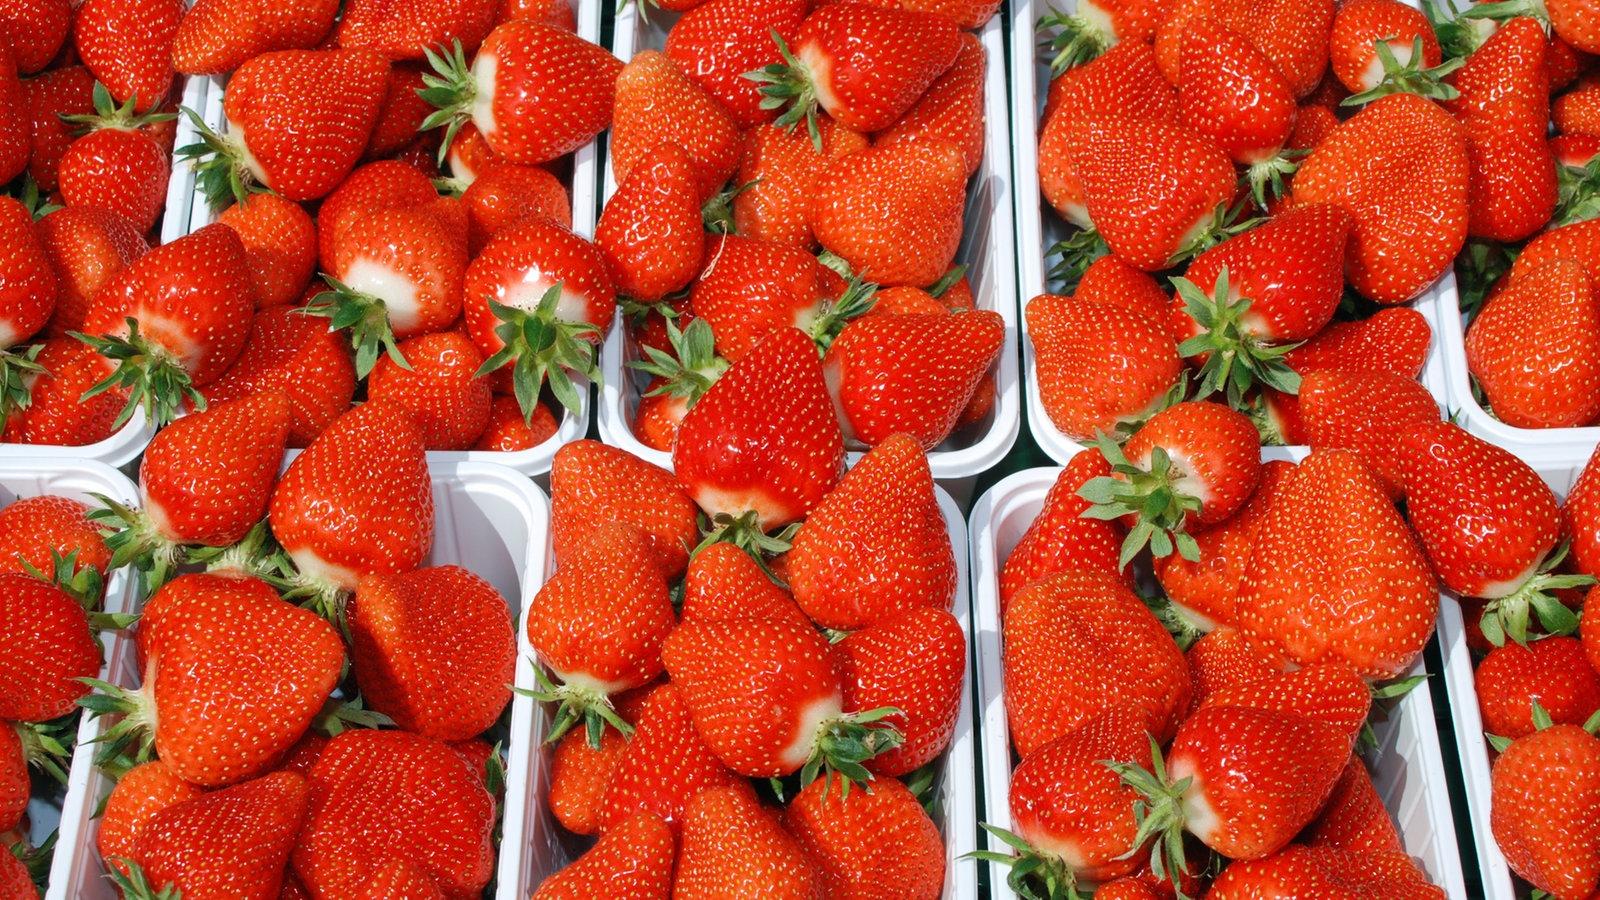 erdbeeren anbauen erdbeeren anbauen sunny7 erdbeeren. Black Bedroom Furniture Sets. Home Design Ideas